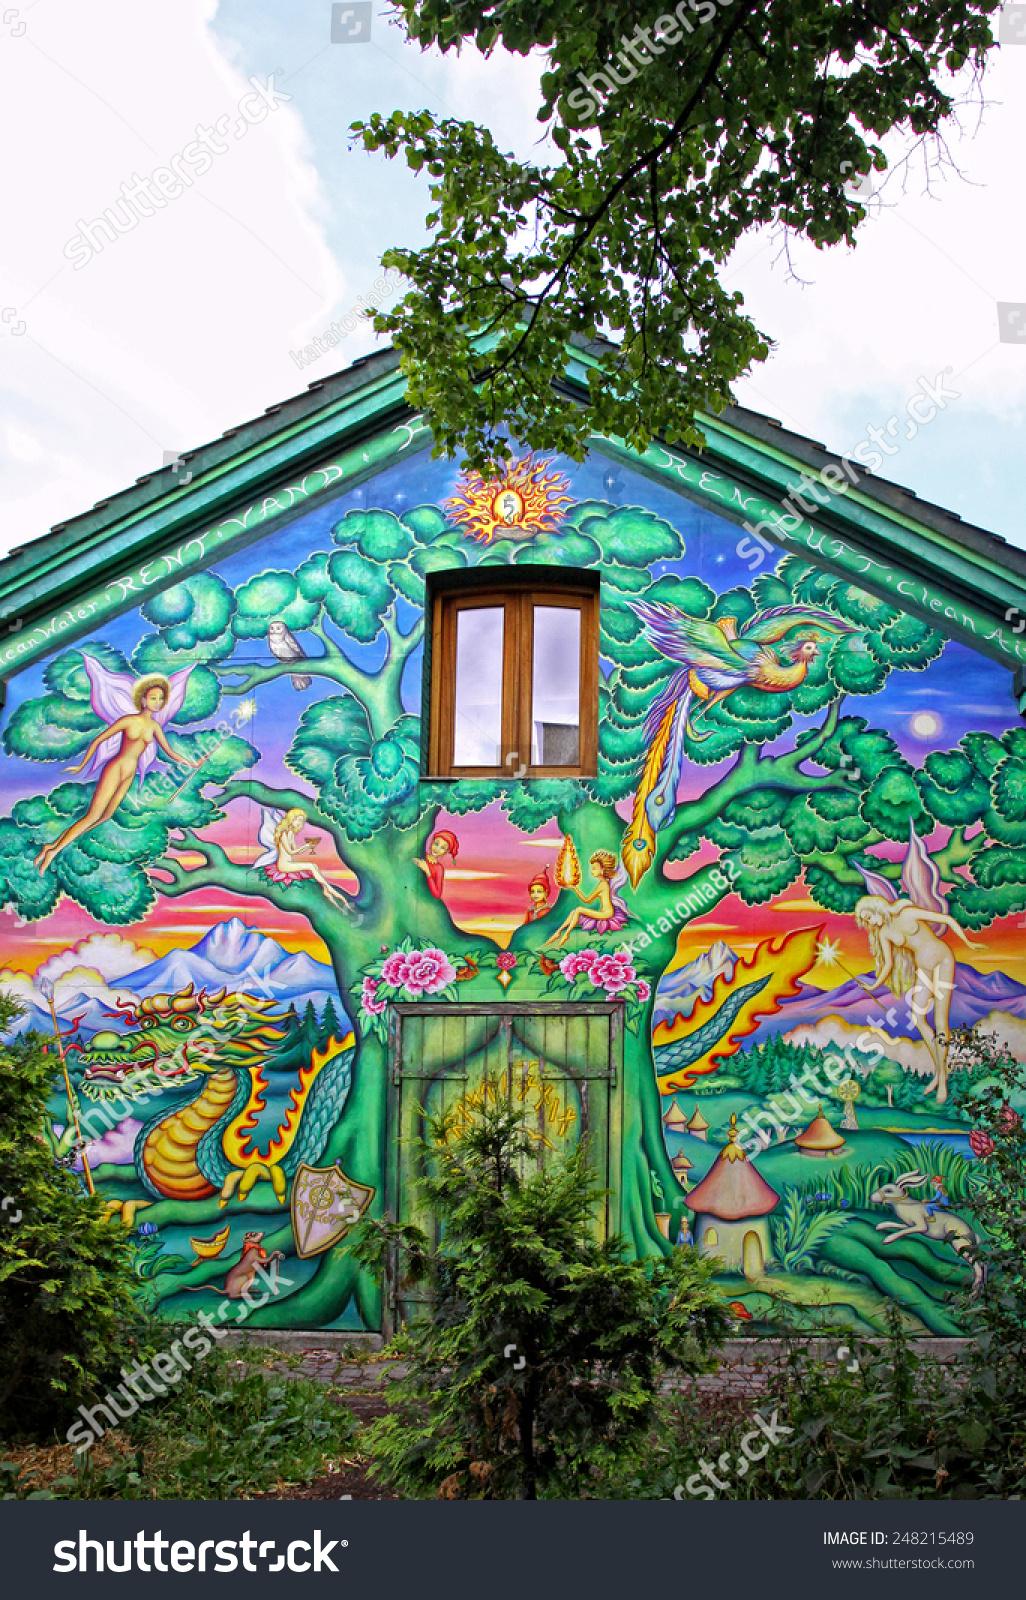 Copenhagen, Denmark - July 28, 2012: Graffiti In ...